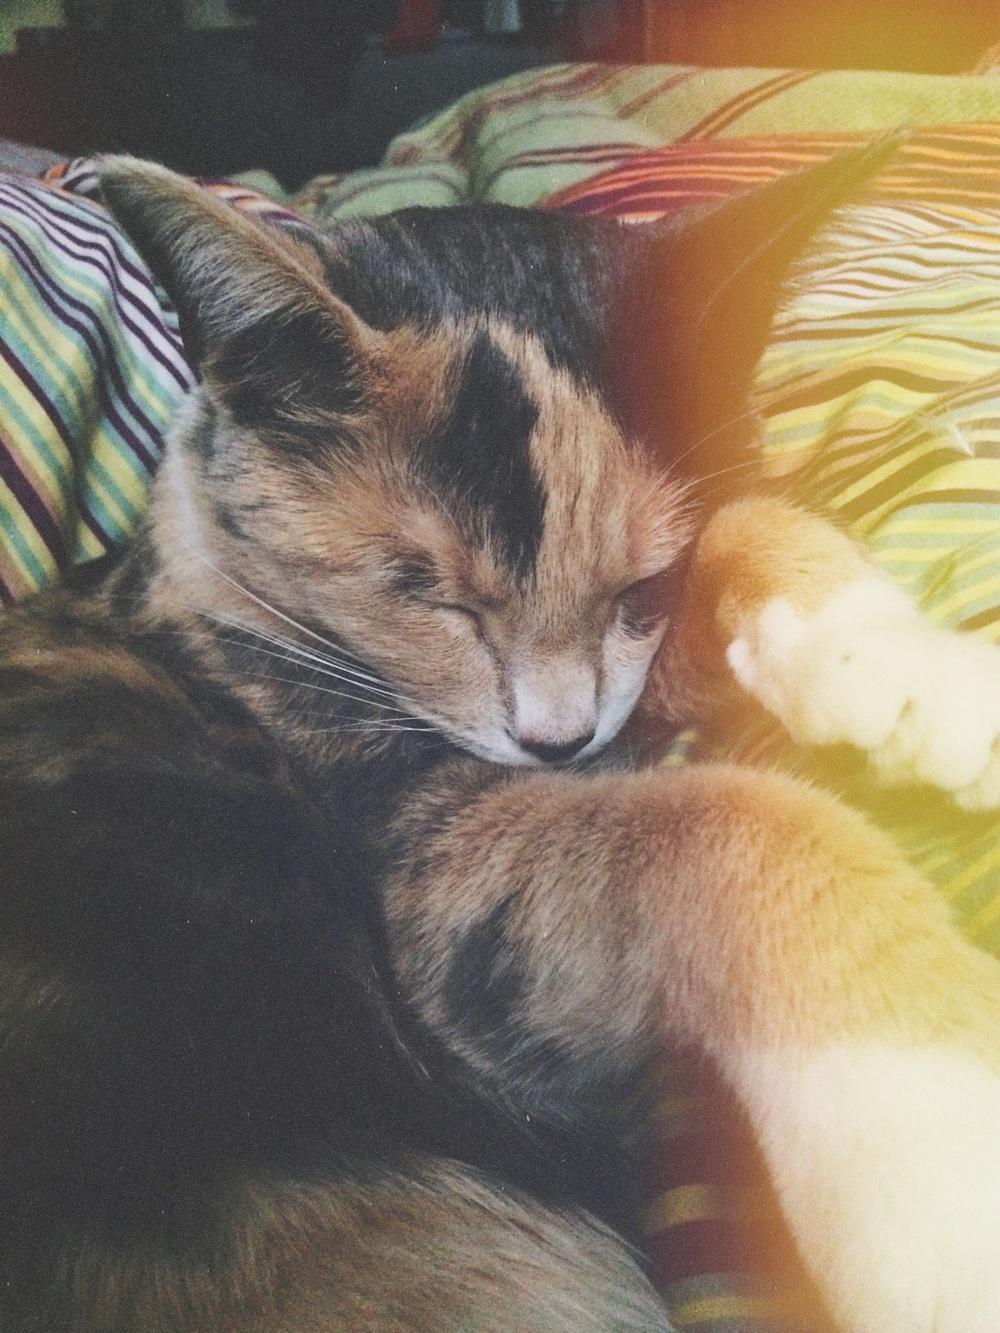 Seriously, just LOOK AT THAT KIKI SLEEPING! ♥♥